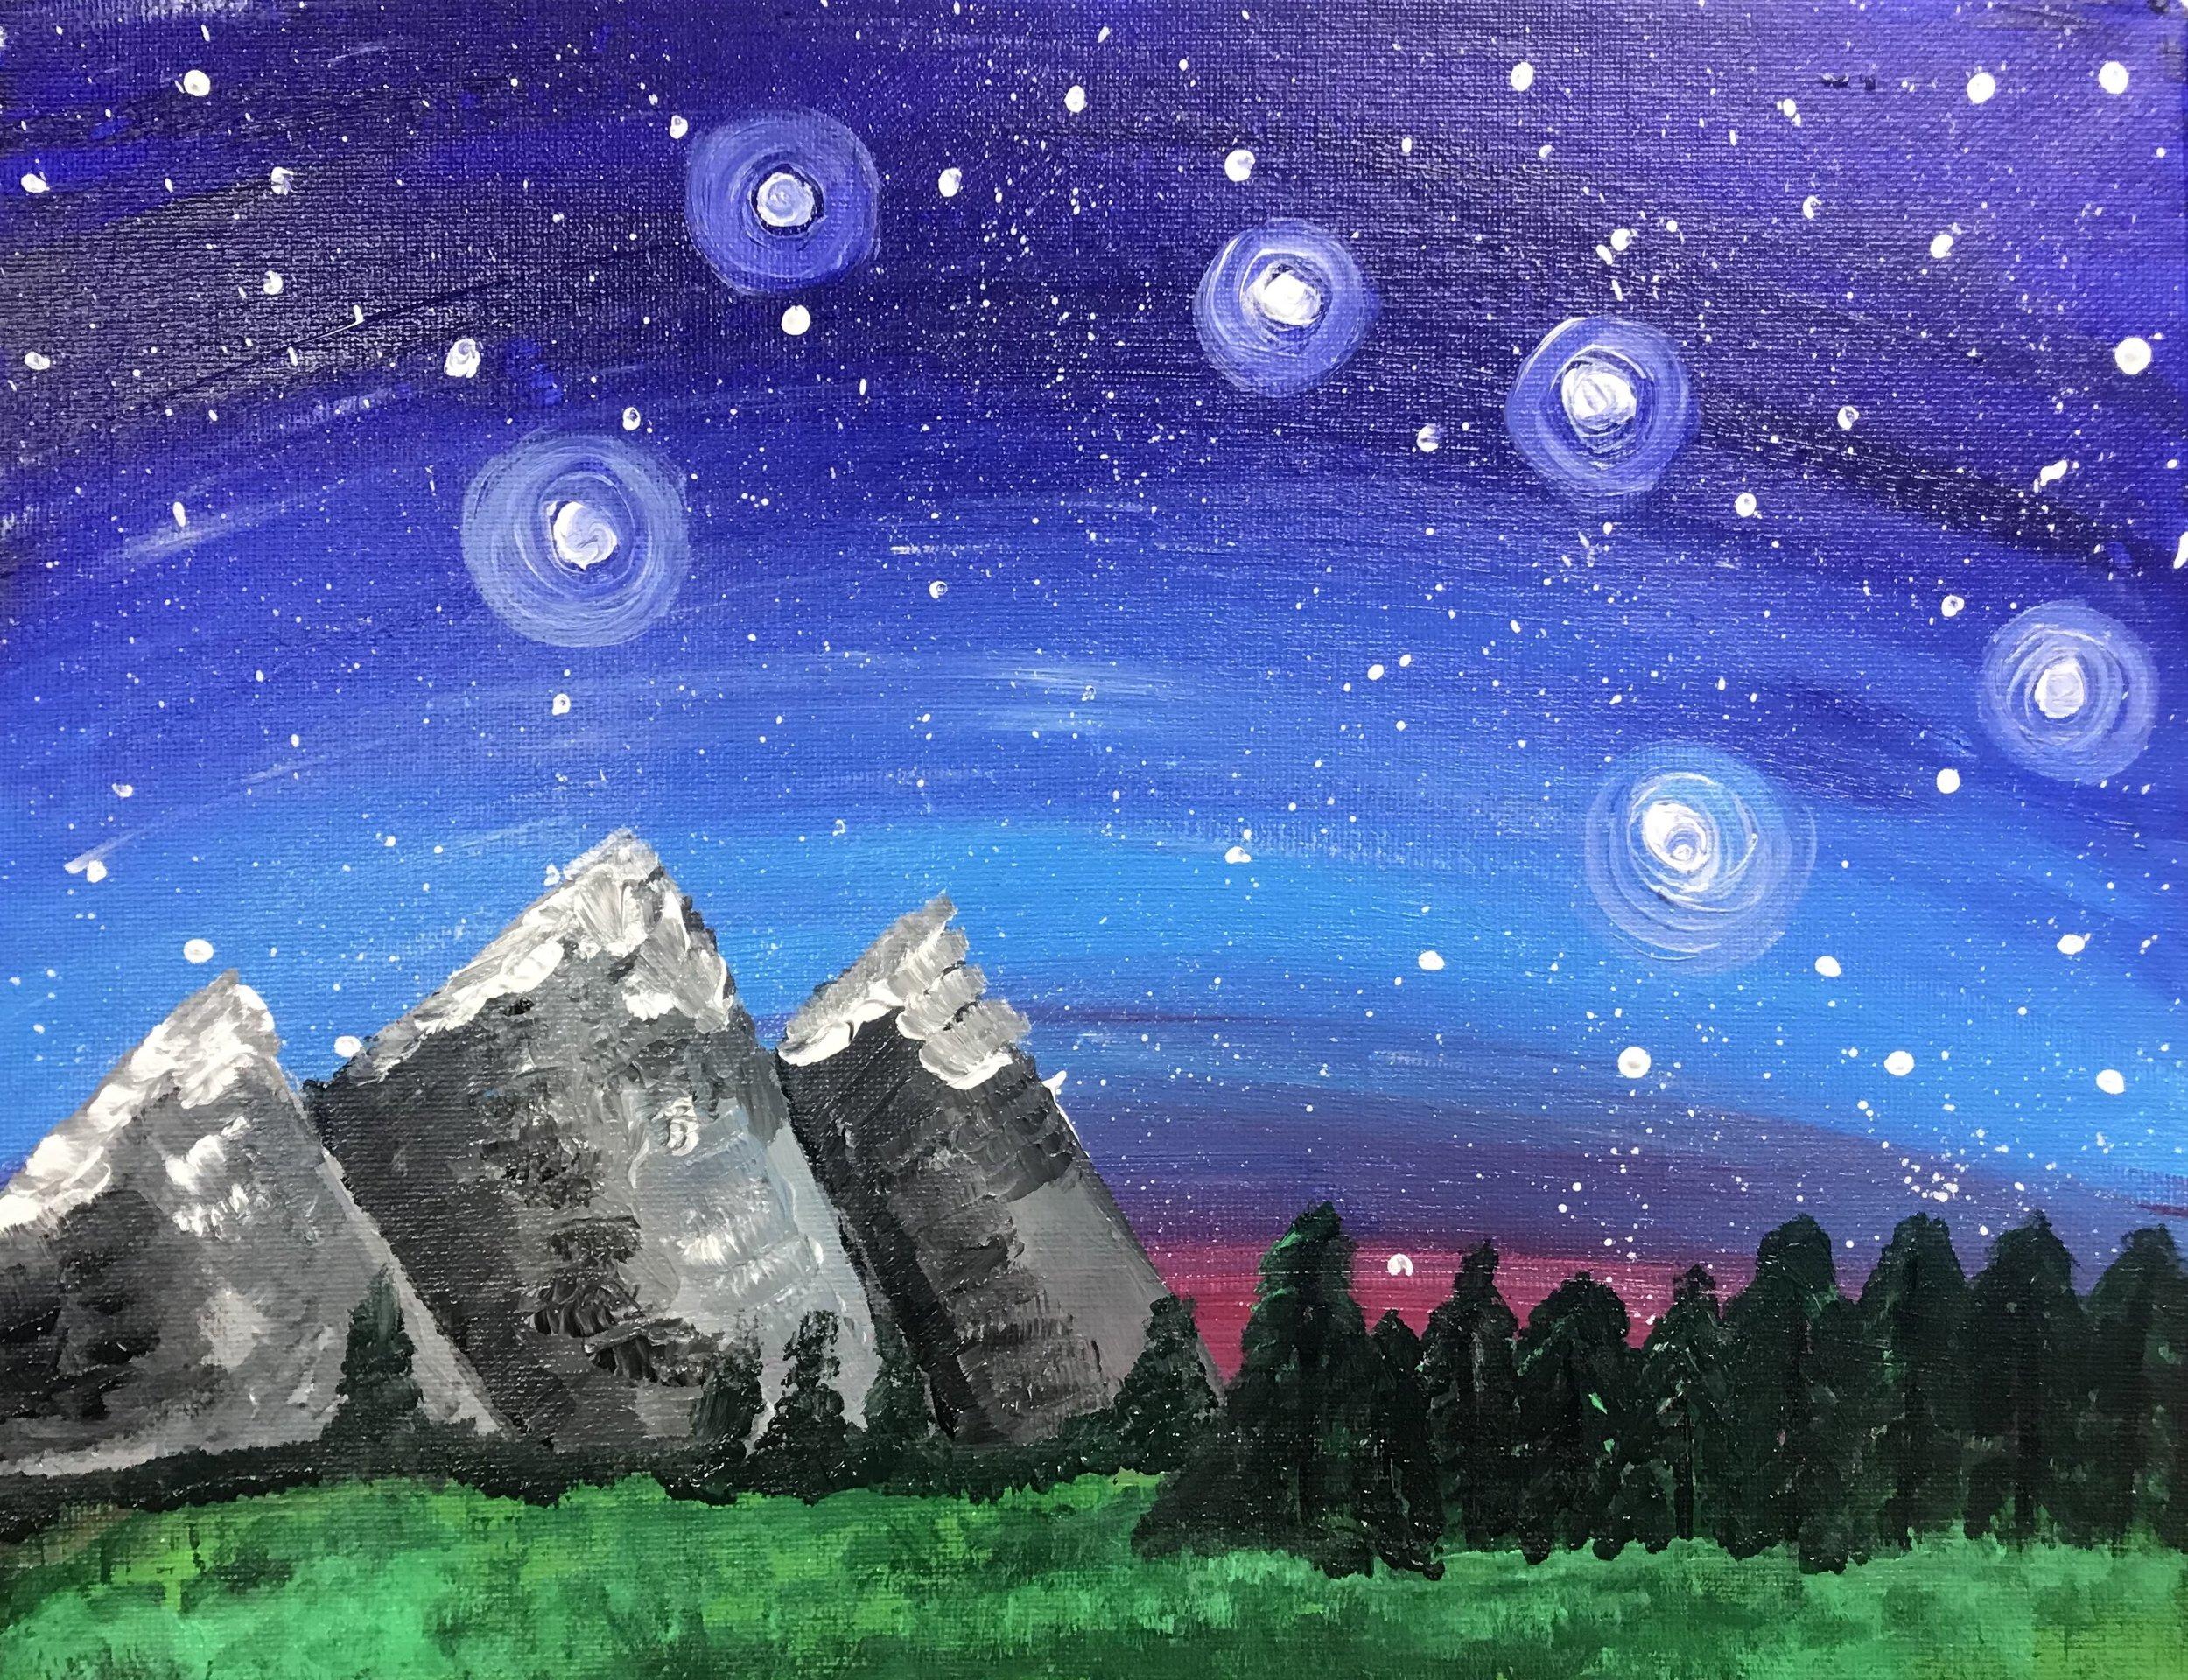 Starry Mountain Scene